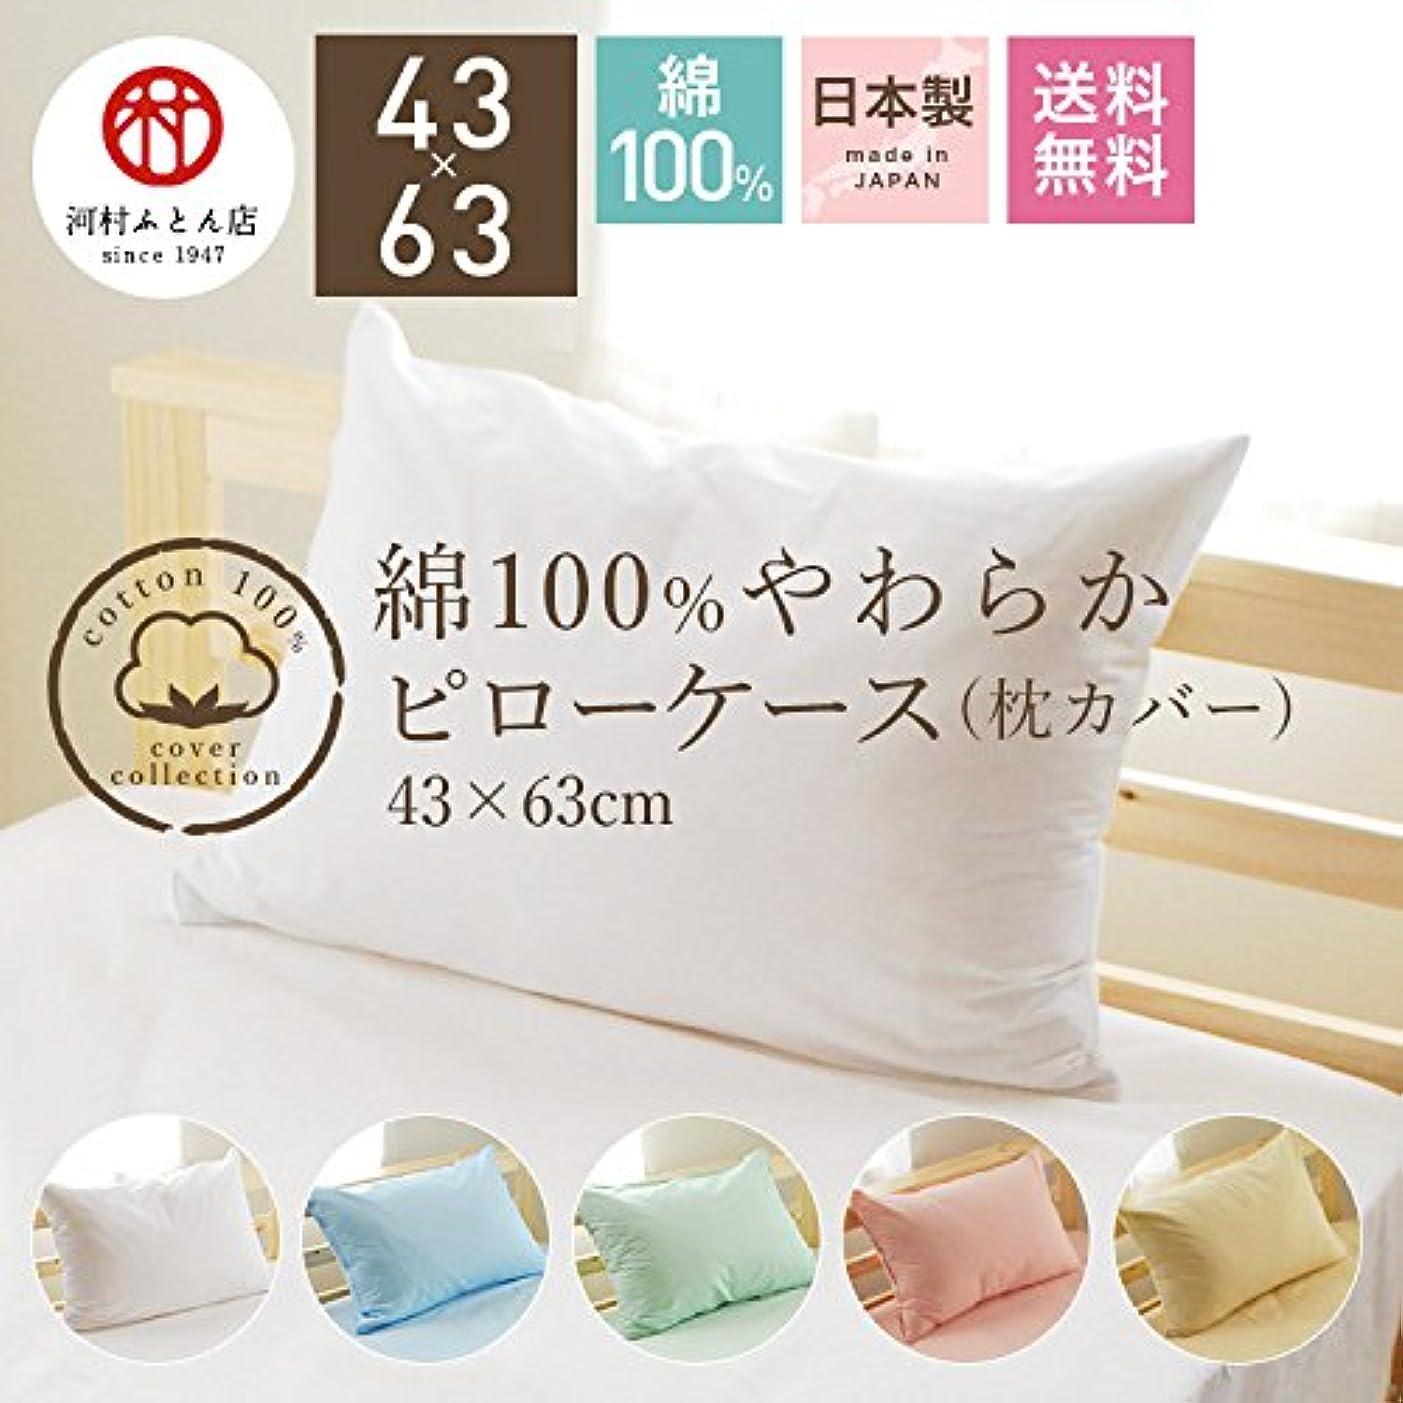 日常的に戦争柔らかい枕カバー ピロケース ピローケース まくらカバー 43cm×63cm 日本製 綿100% 布団カバー パステルカラー 送料無料 90143 ブルー